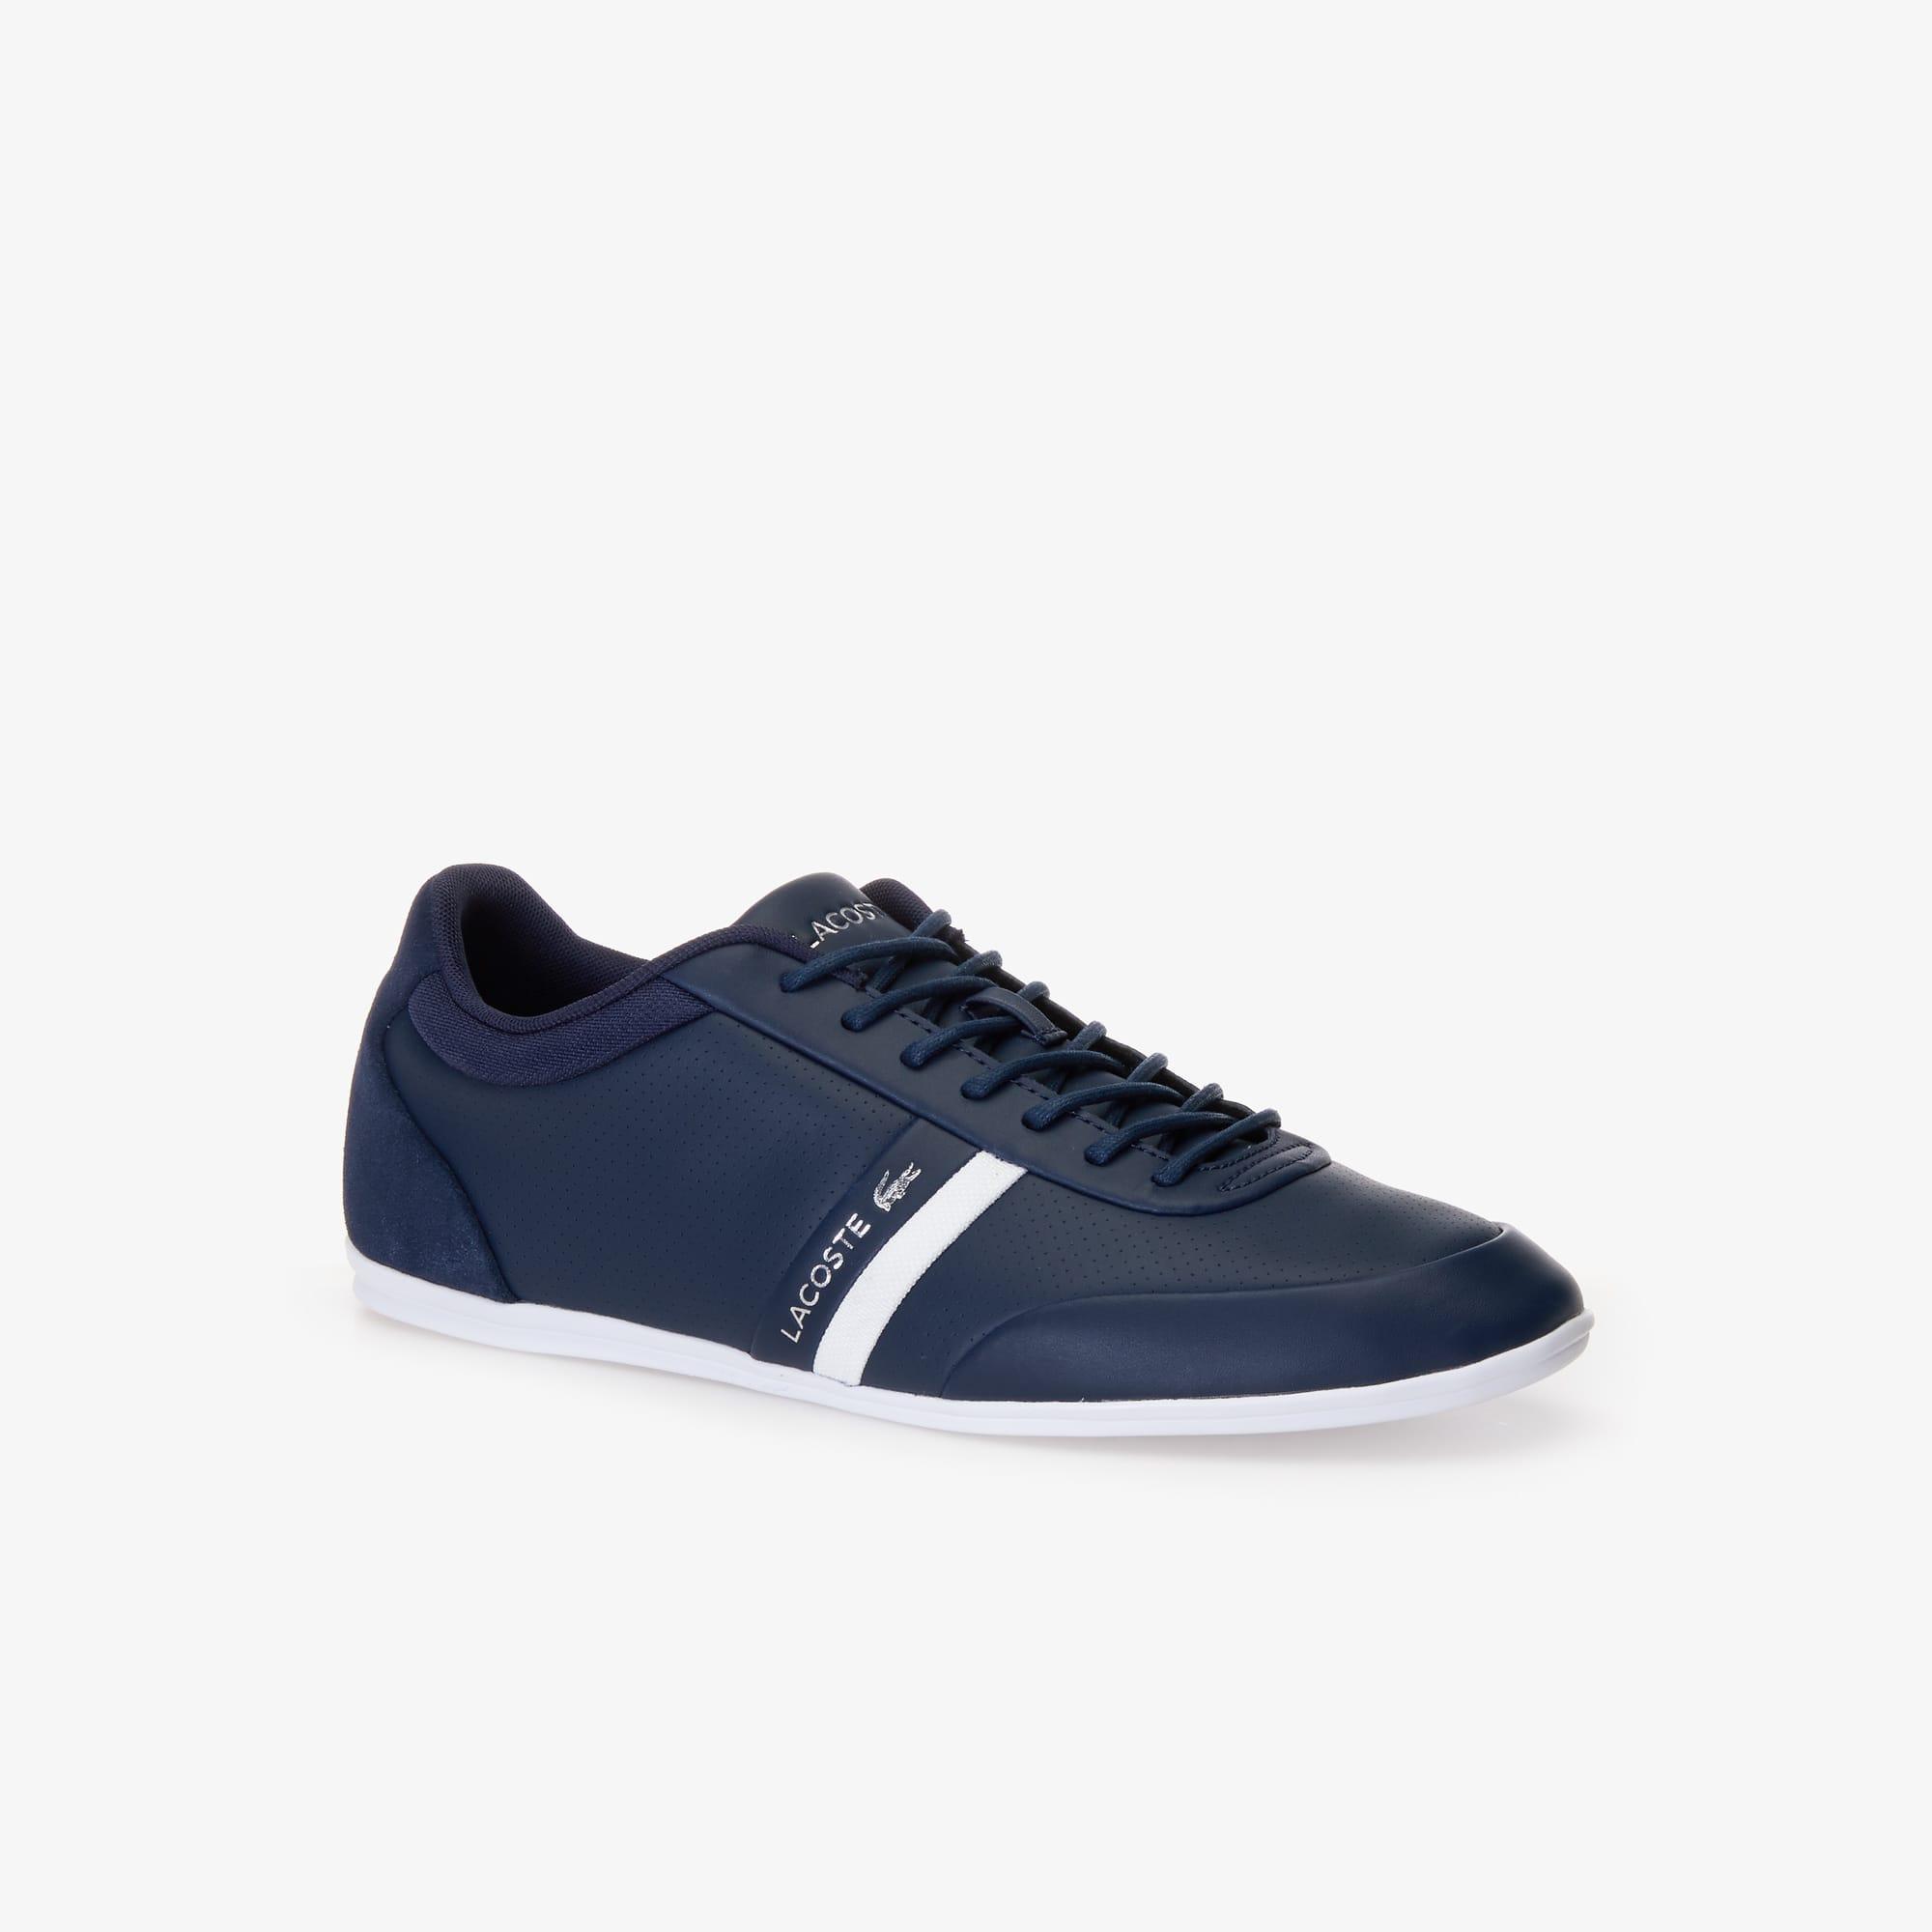 4cb4850501 Men's Shoes | Shoes for Men | LACOSTE